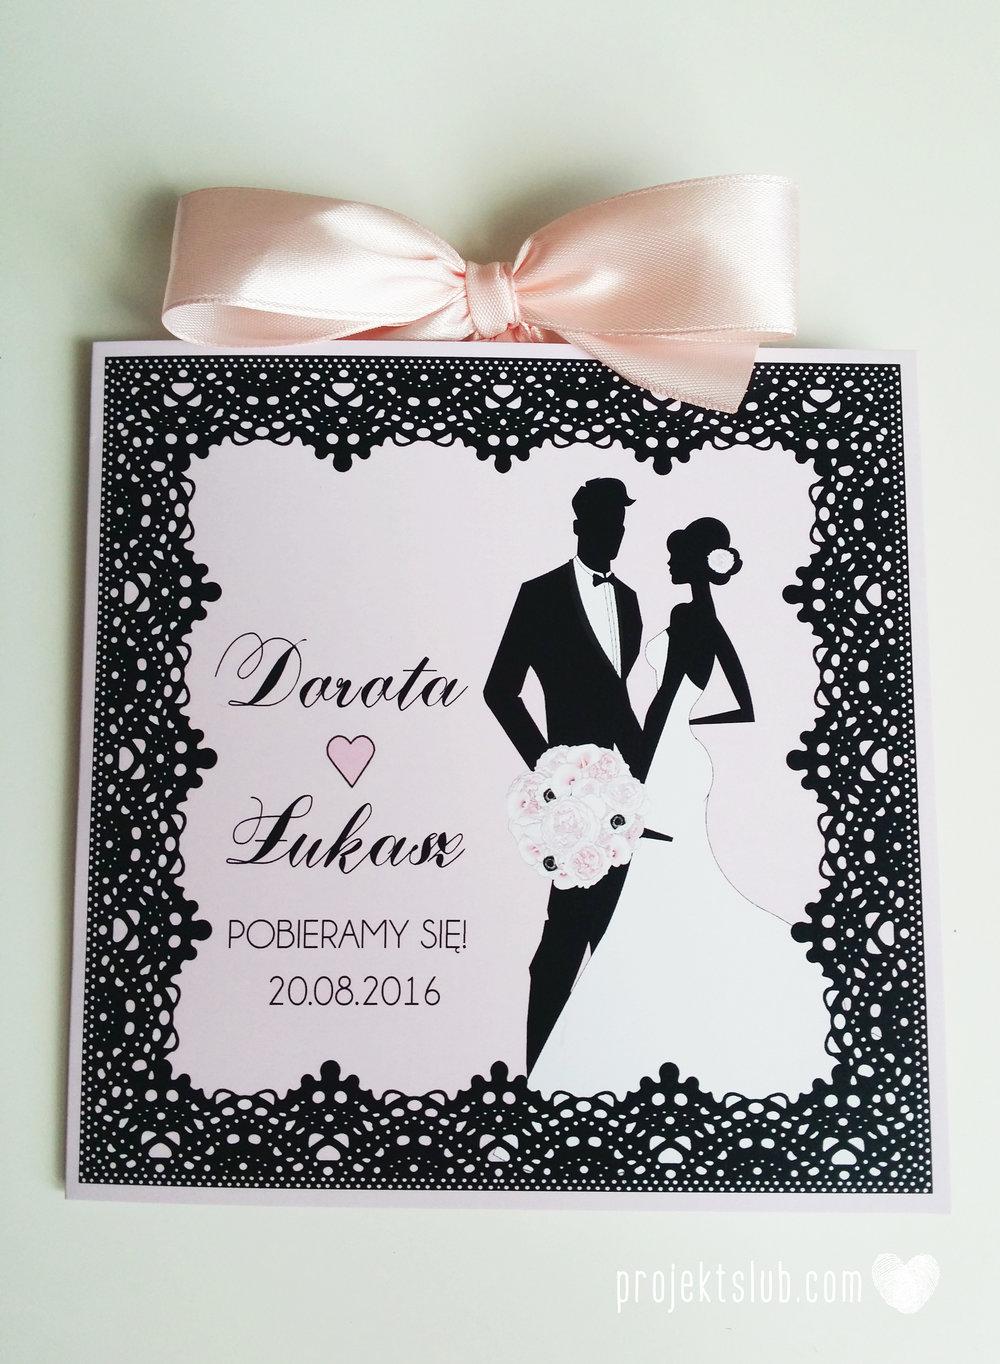 Eleganckie zaproszenia ślubne rysunek pary młodej róż i czerń glamour koronkowe pastelowe Projekt ŚLub (9).jpg